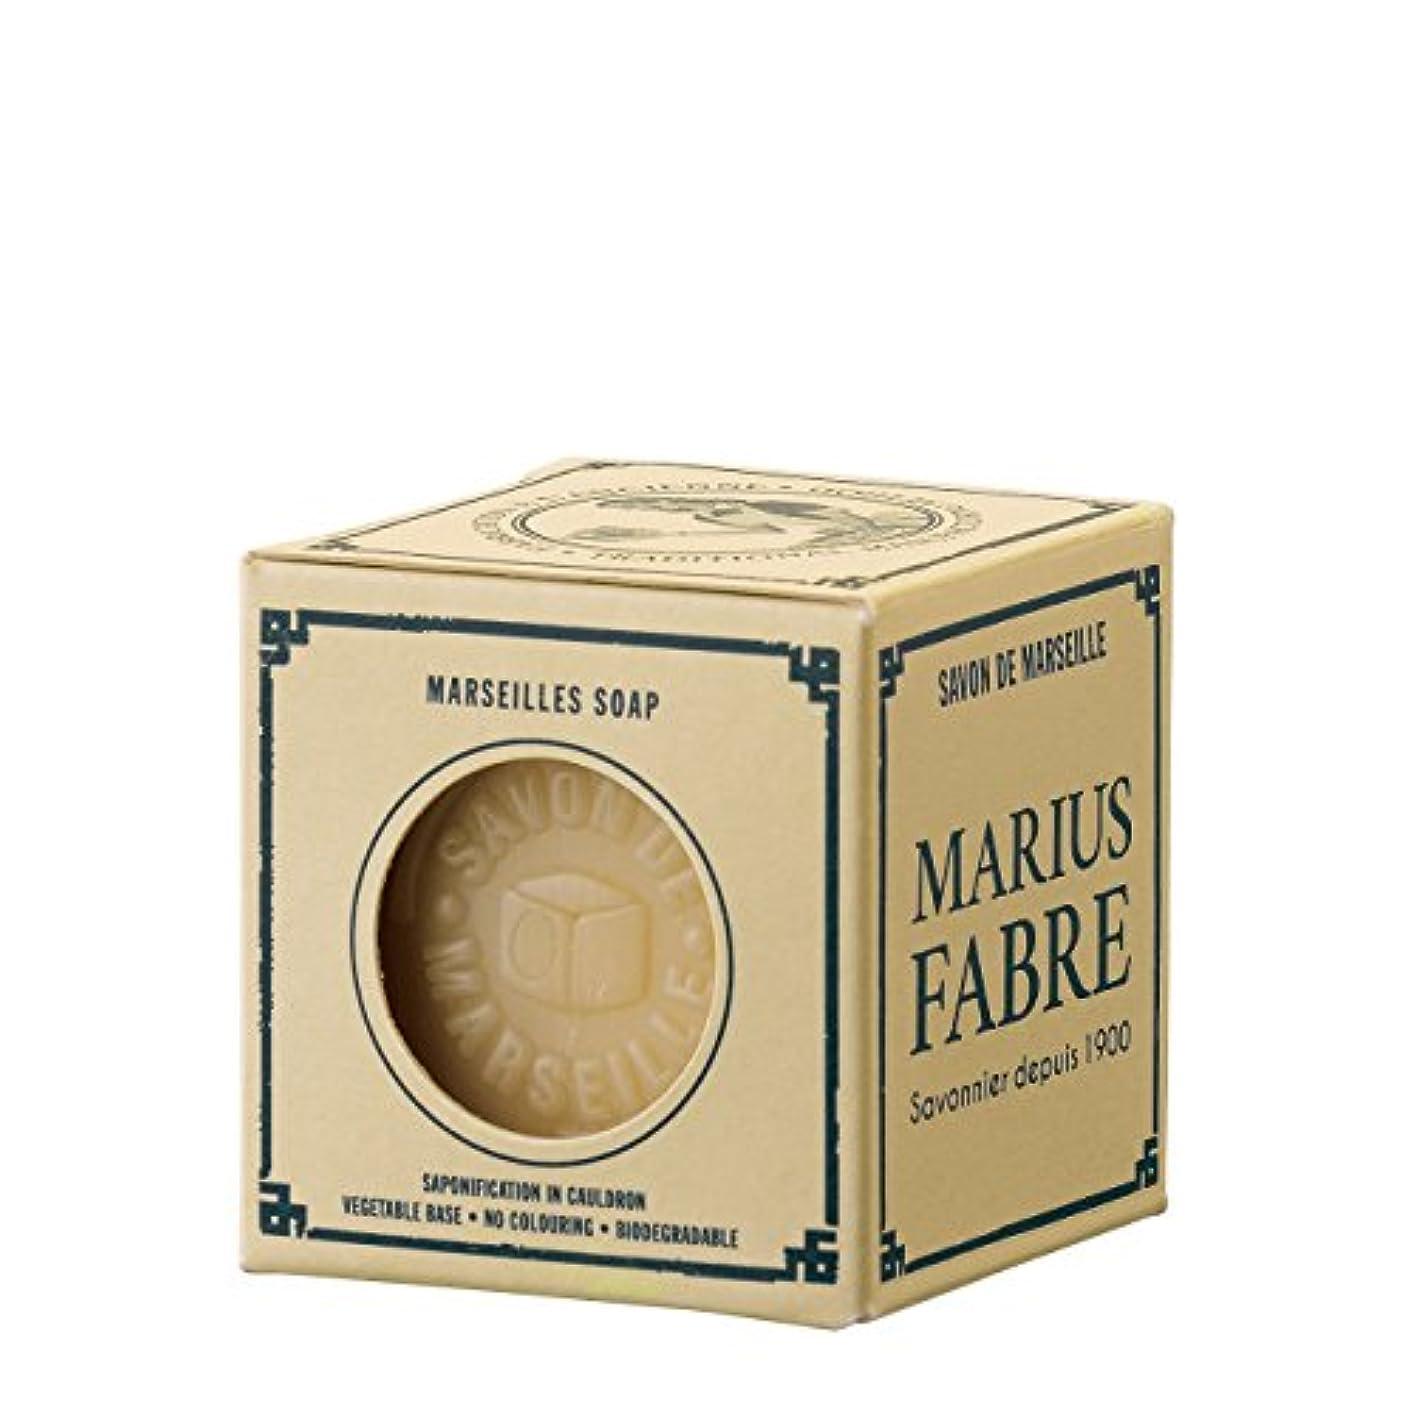 イブニング後ろに収まるサボンドマルセイユ ネイチャー パーム (100g)